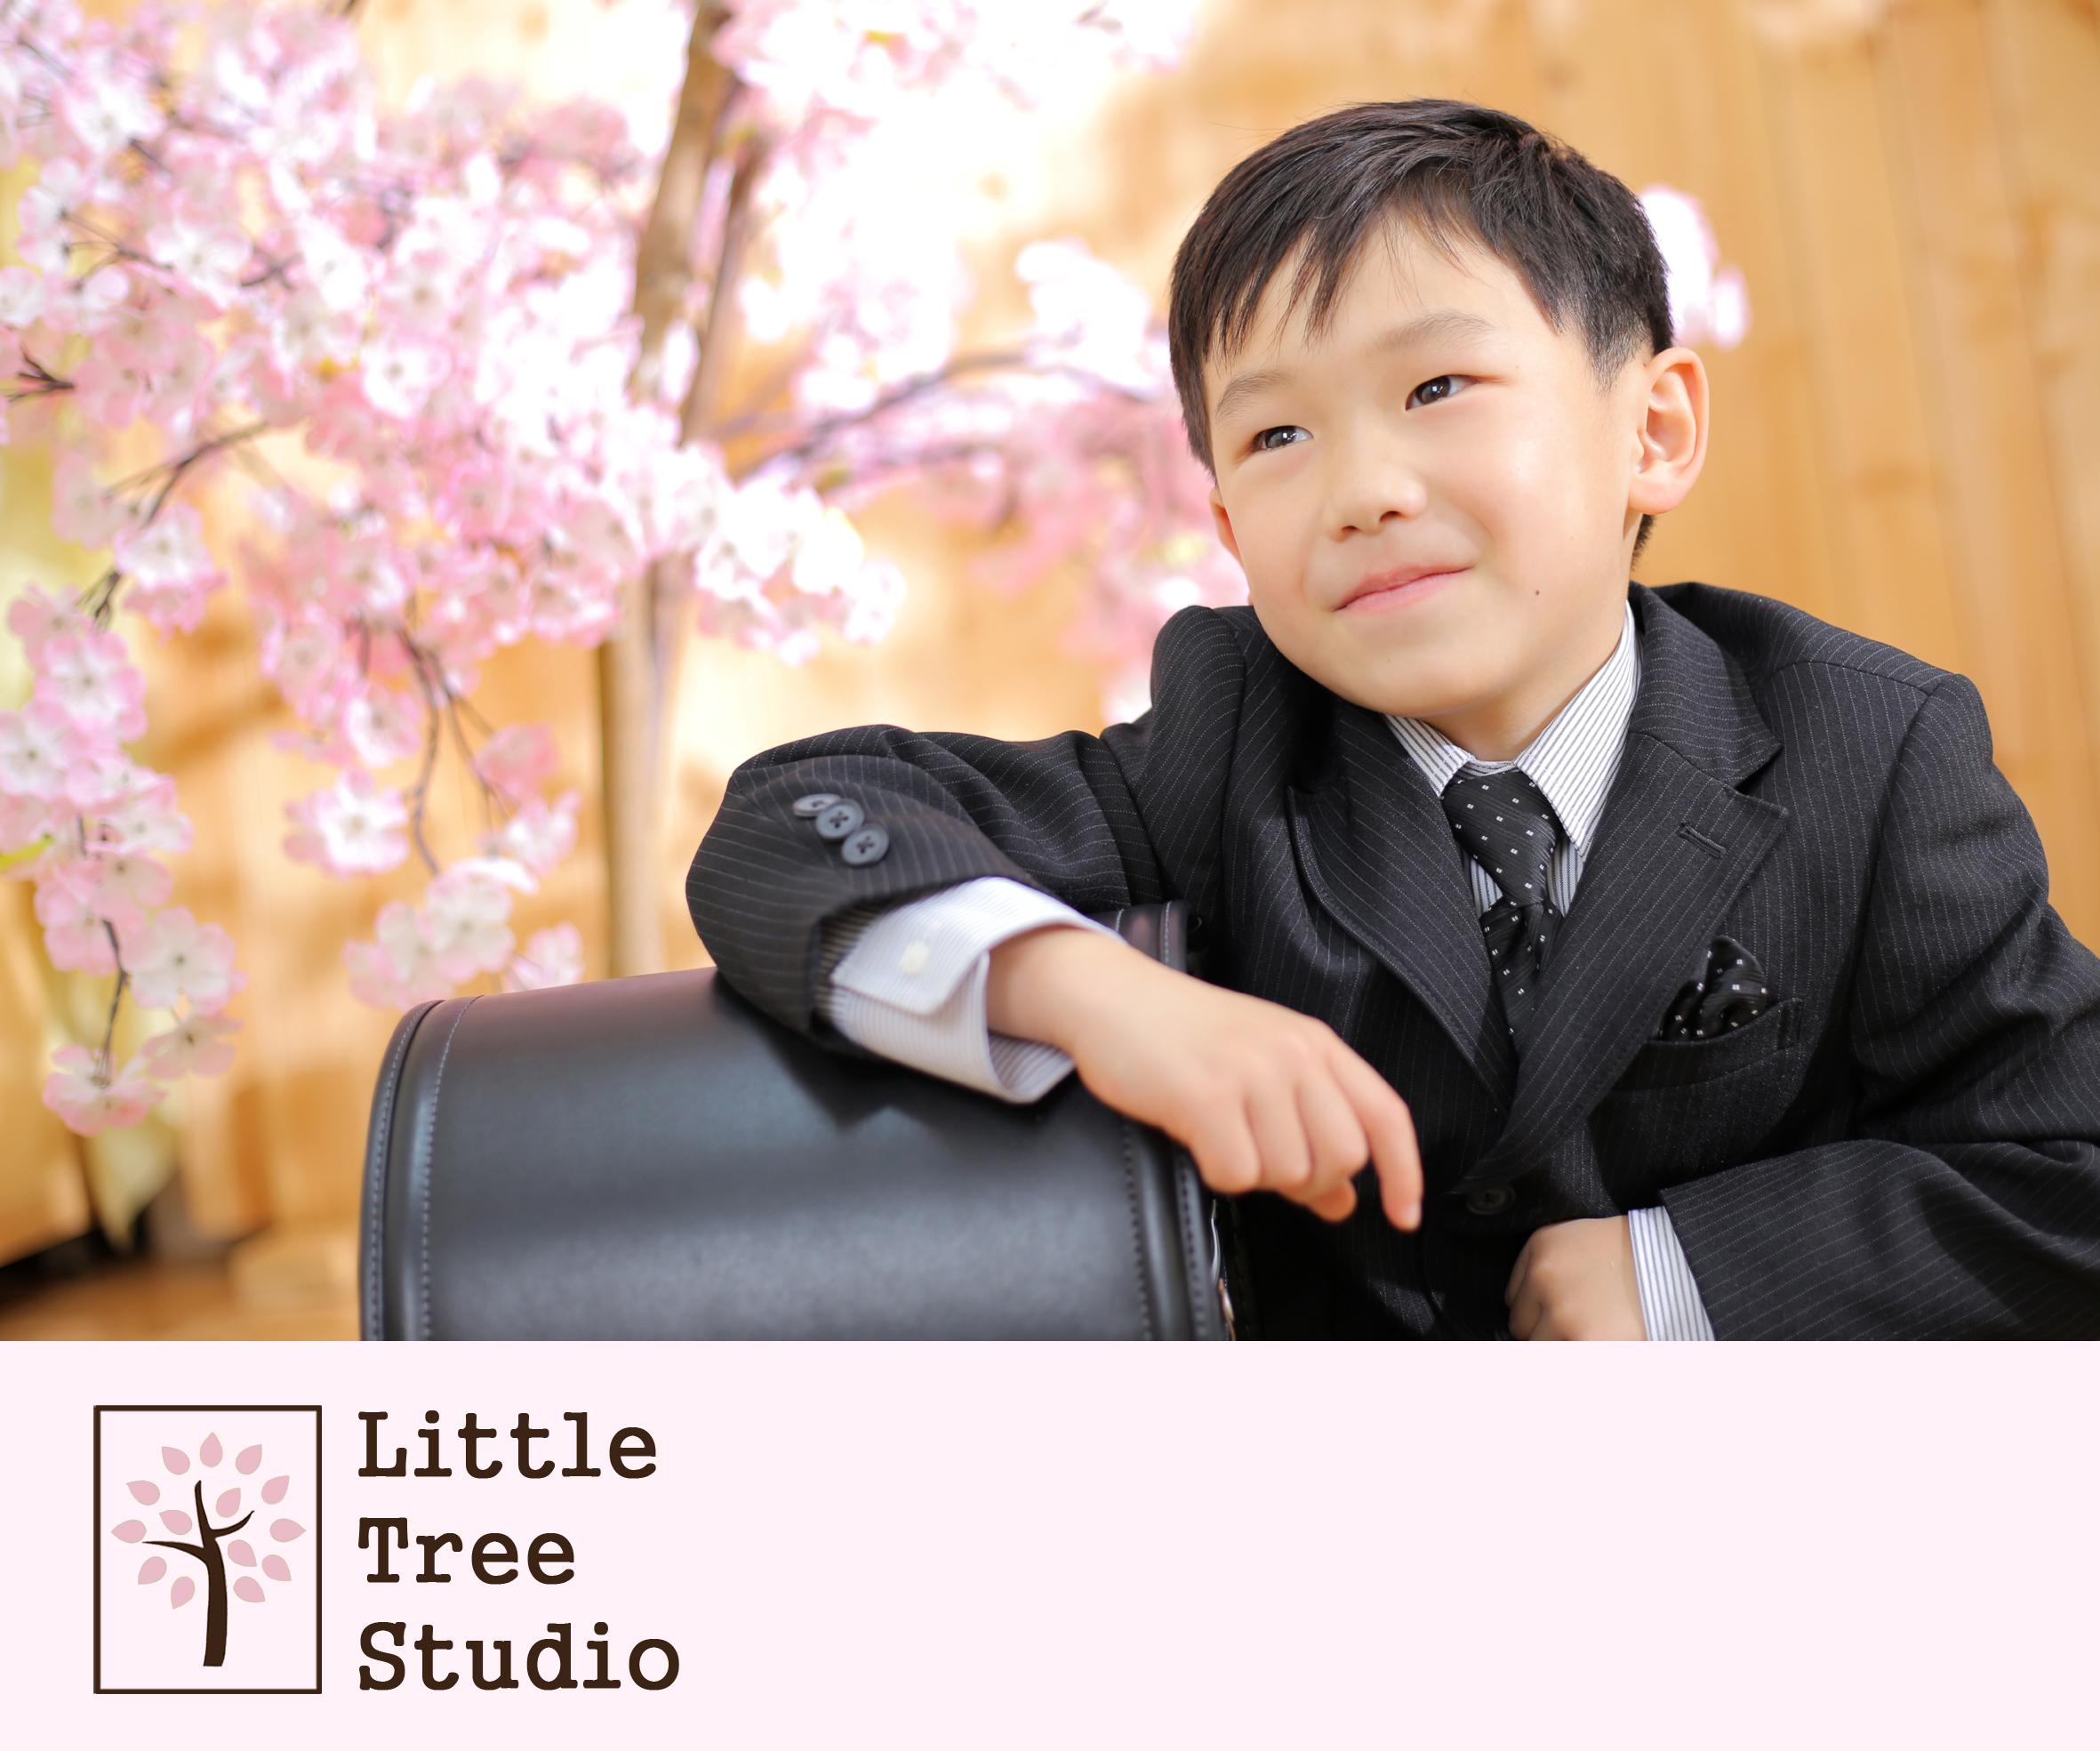 littletree junior59.JPG